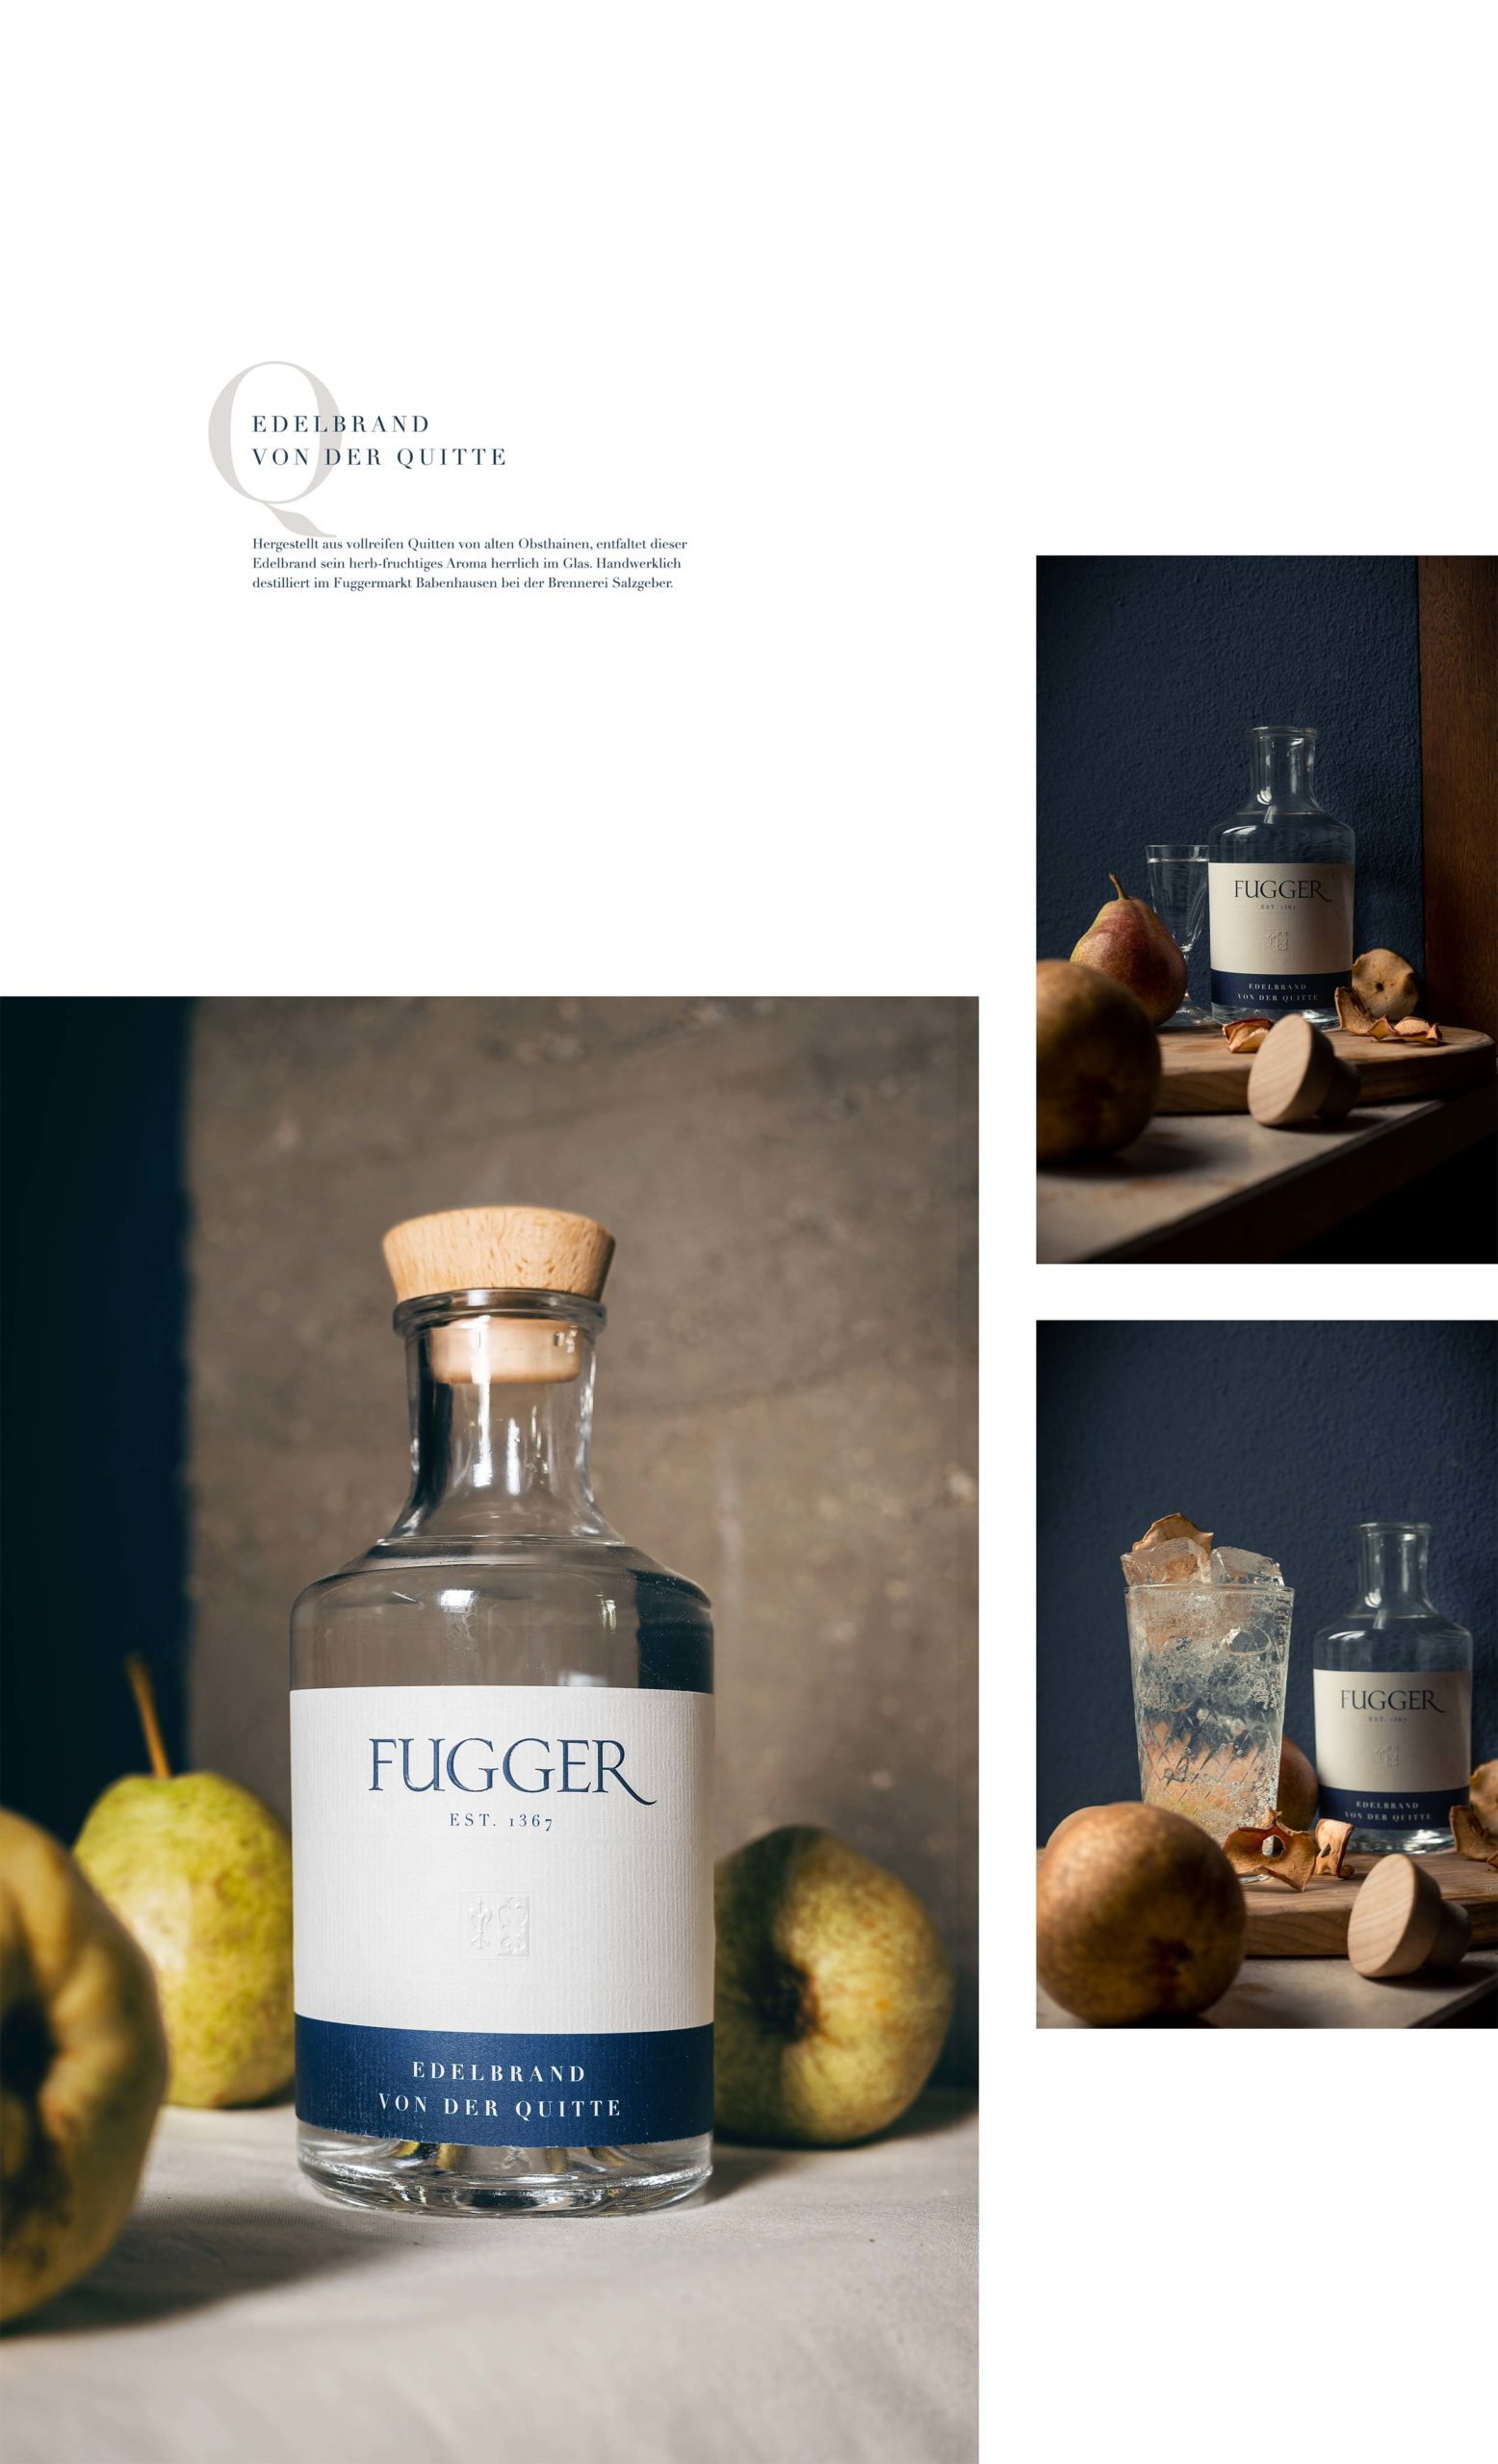 fugger destillate augsburg label design spirituosen blockundstift edelbrand von der quitte